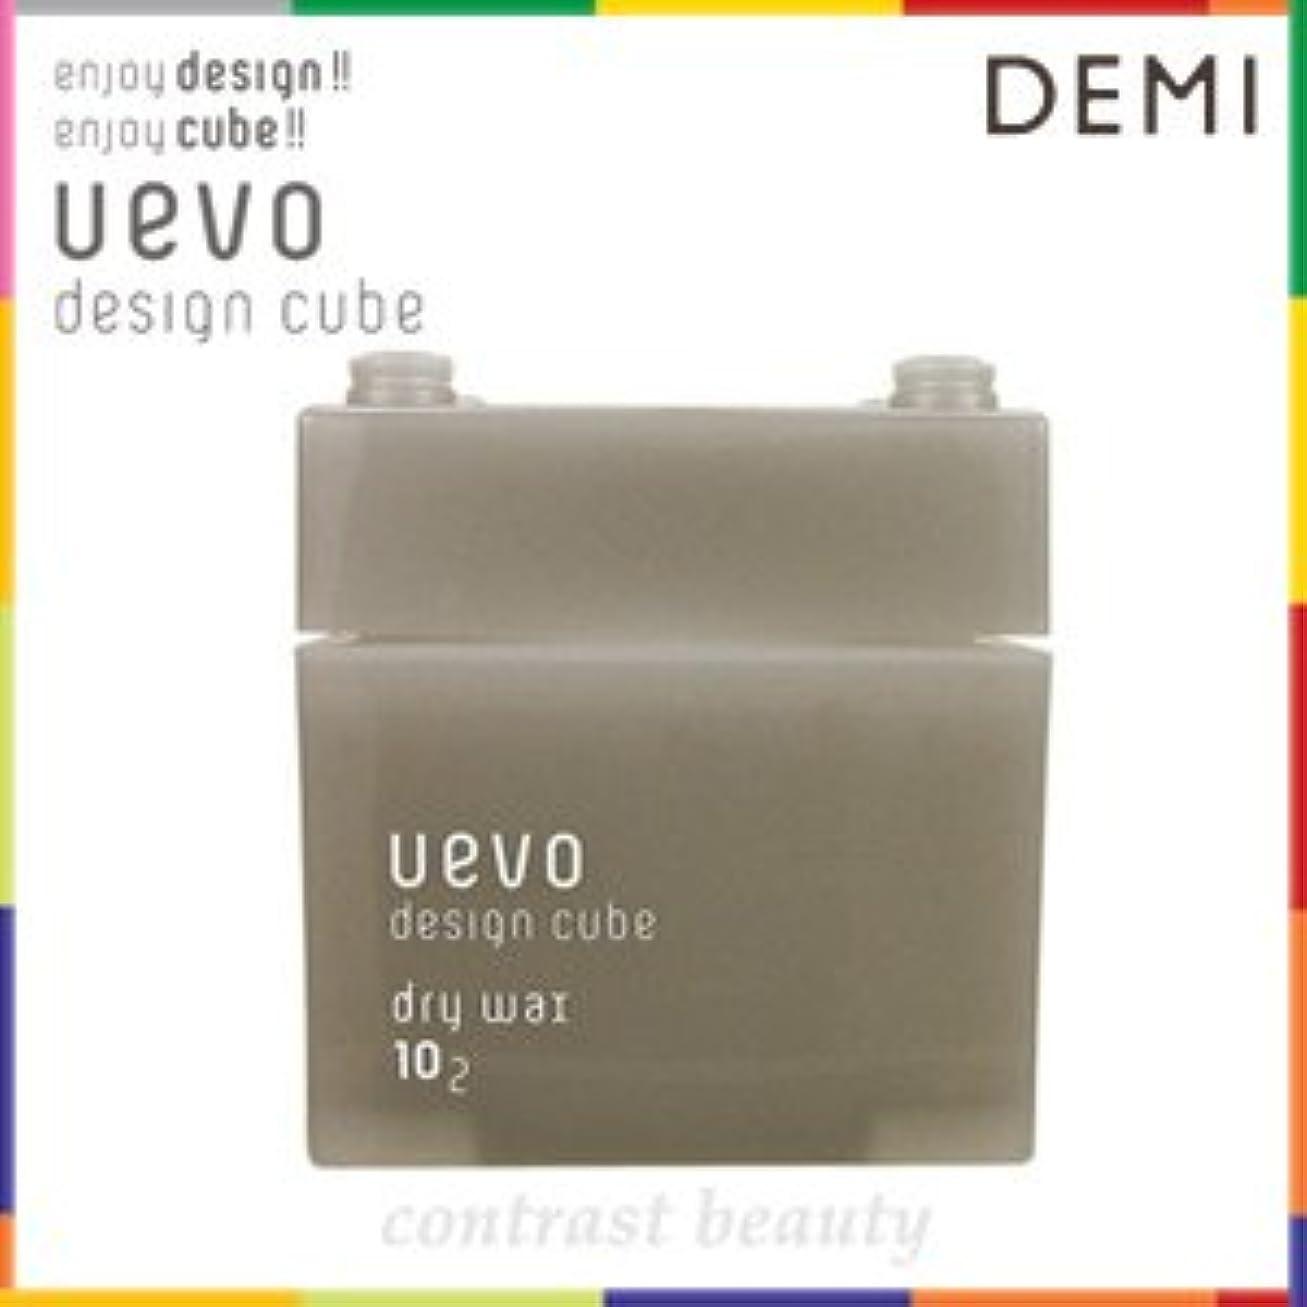 一口光沢力強い【X4個セット】 デミ ウェーボ デザインキューブ ドライワックス 80g dry wax DEMI uevo design cube